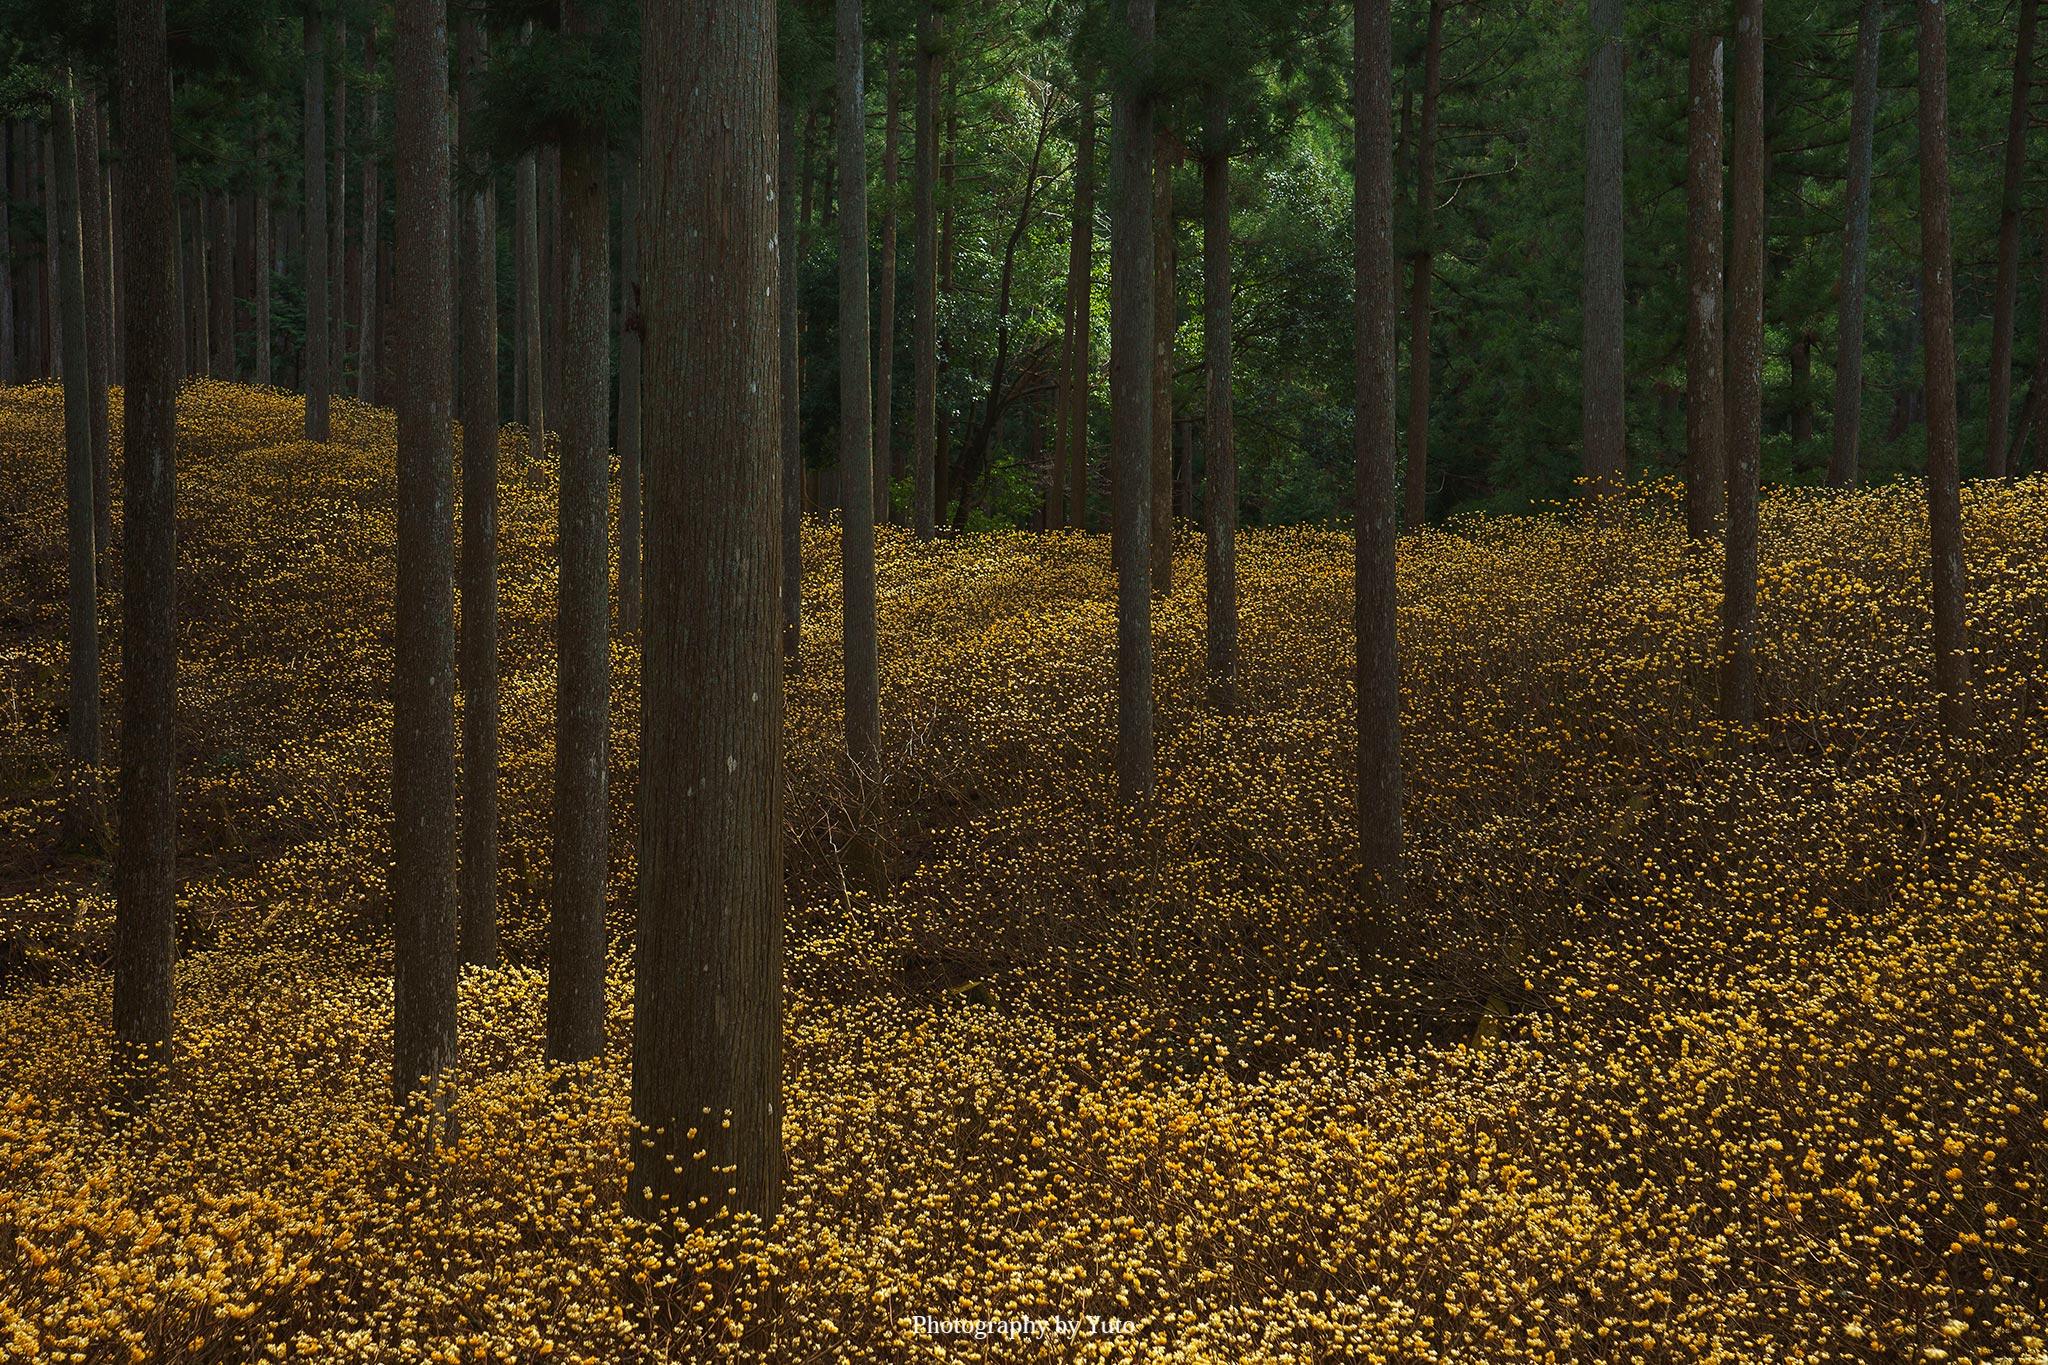 【三重のミツマタ】津市美杉町 石名原のミツマタ群生地 アクセスとミツマタの撮り方を紹介